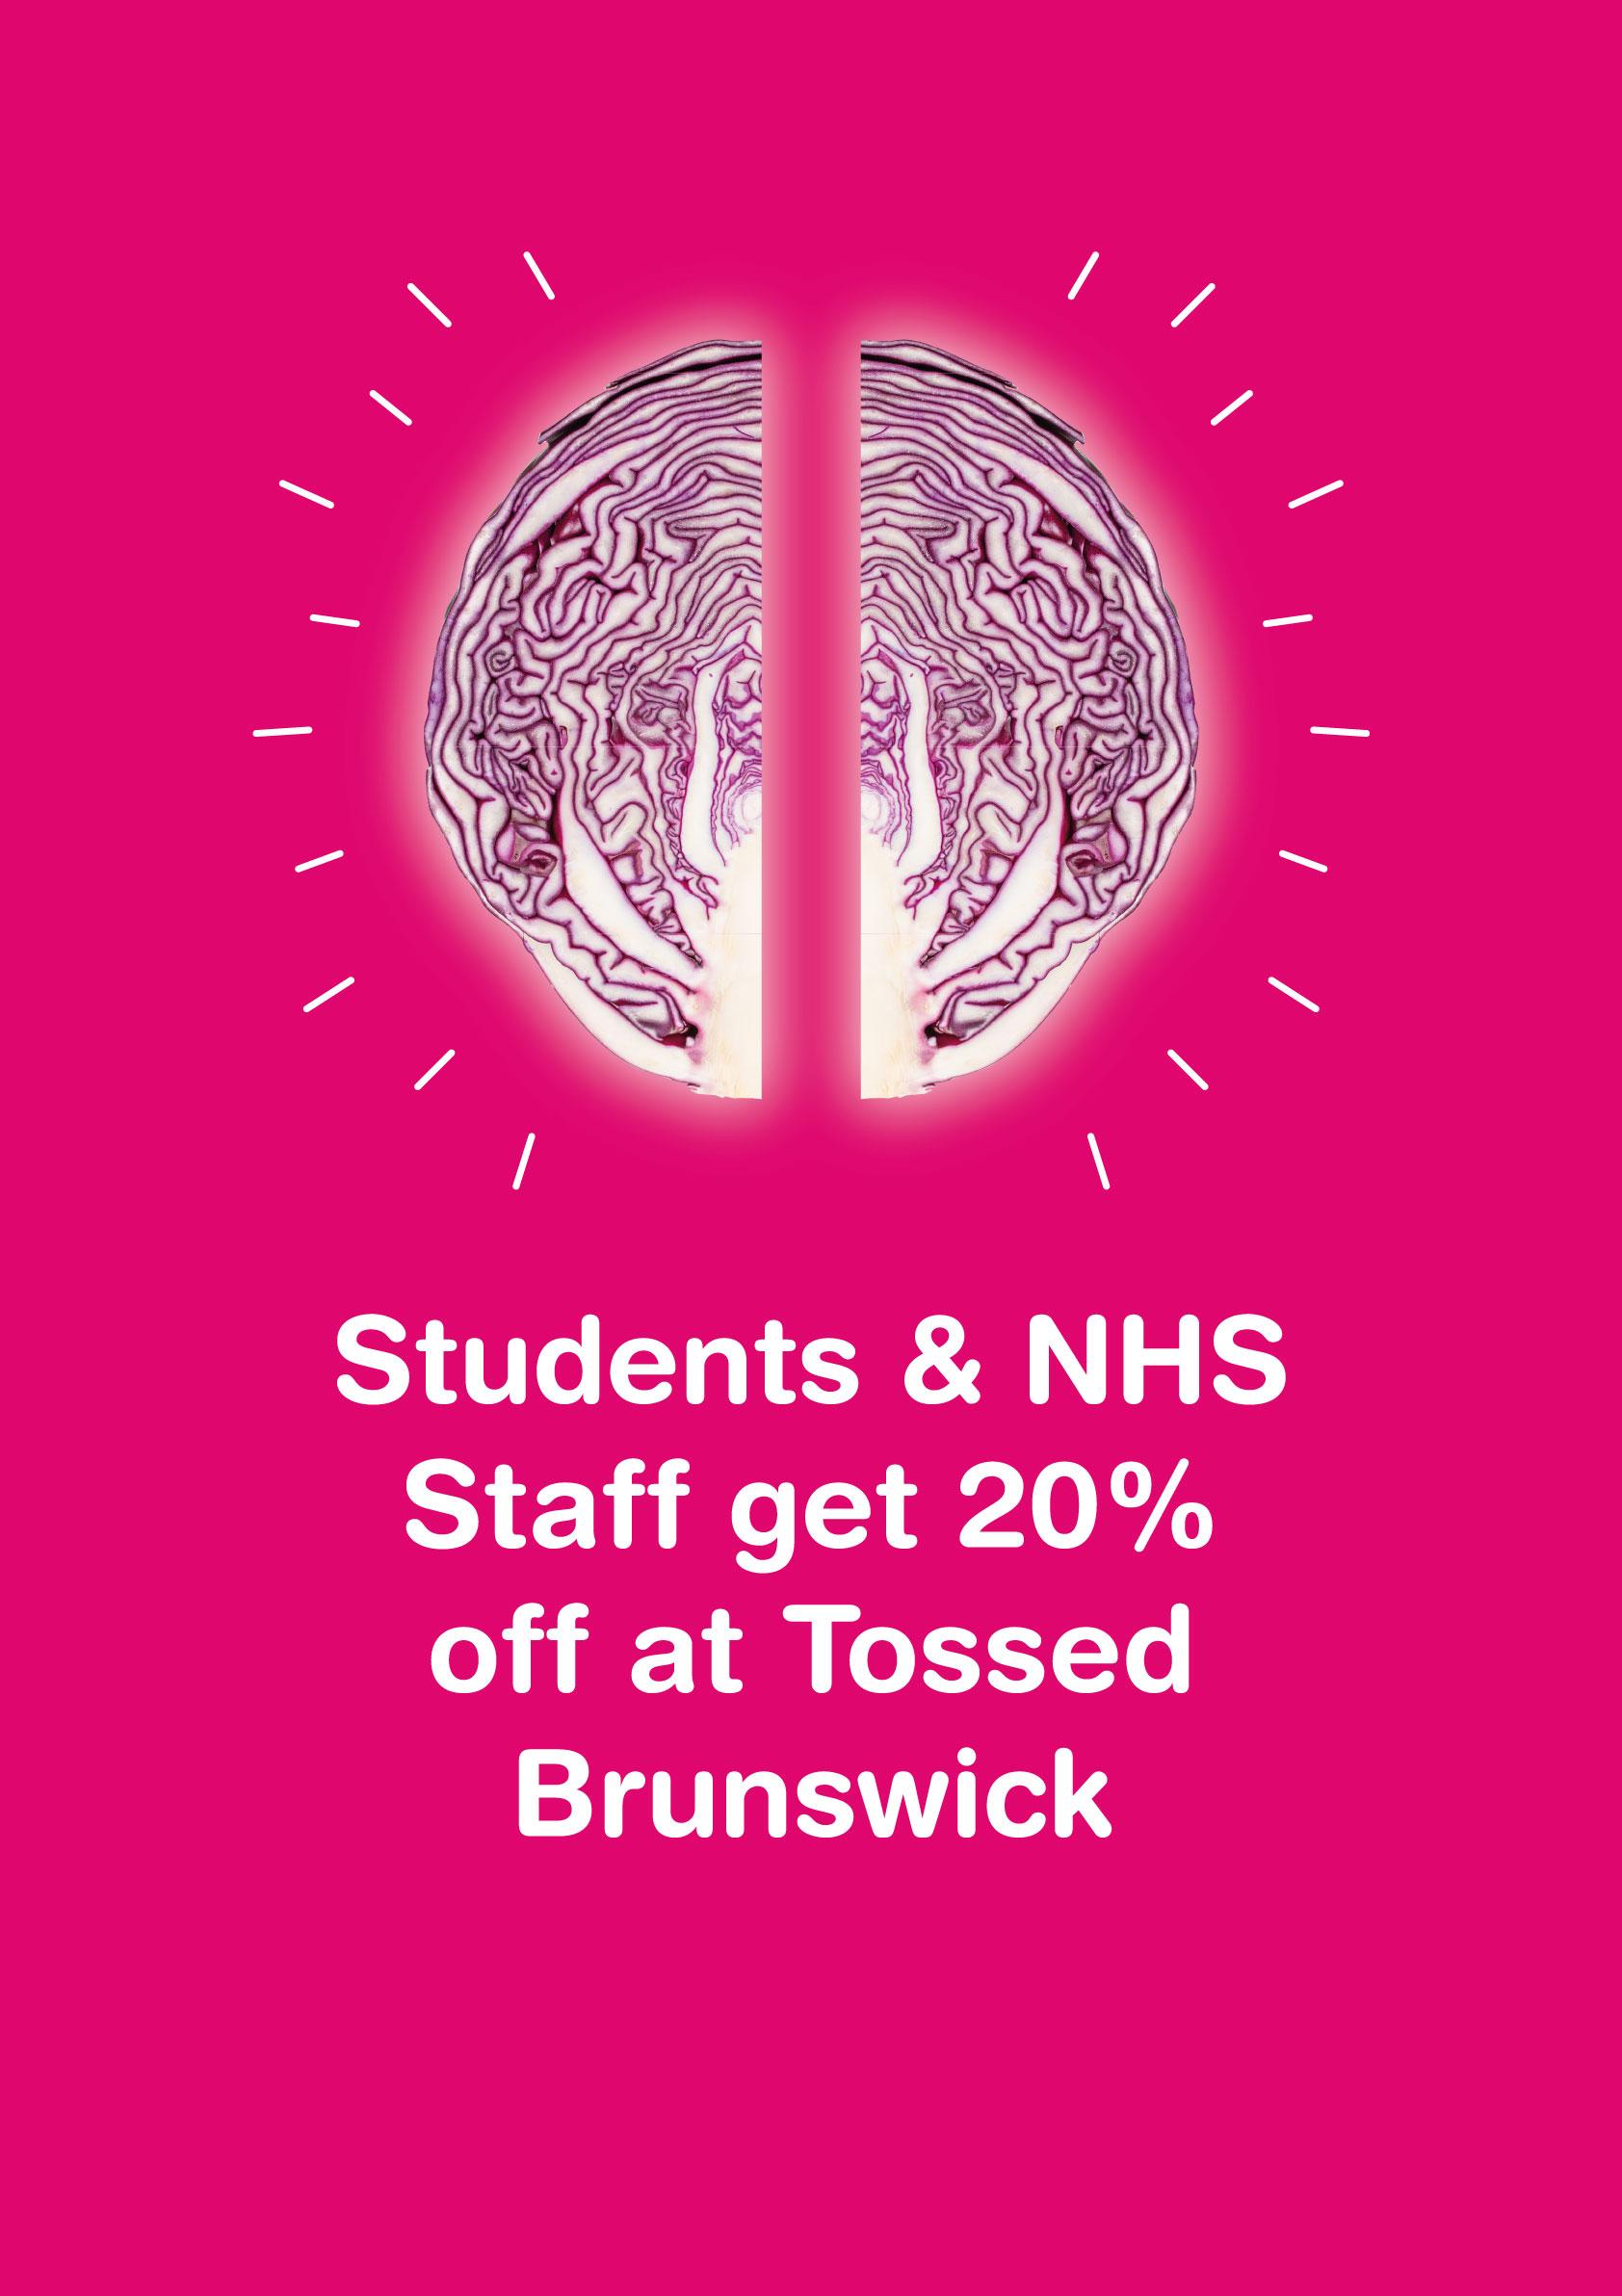 201801_Students-NHS-discount_pink.jpg